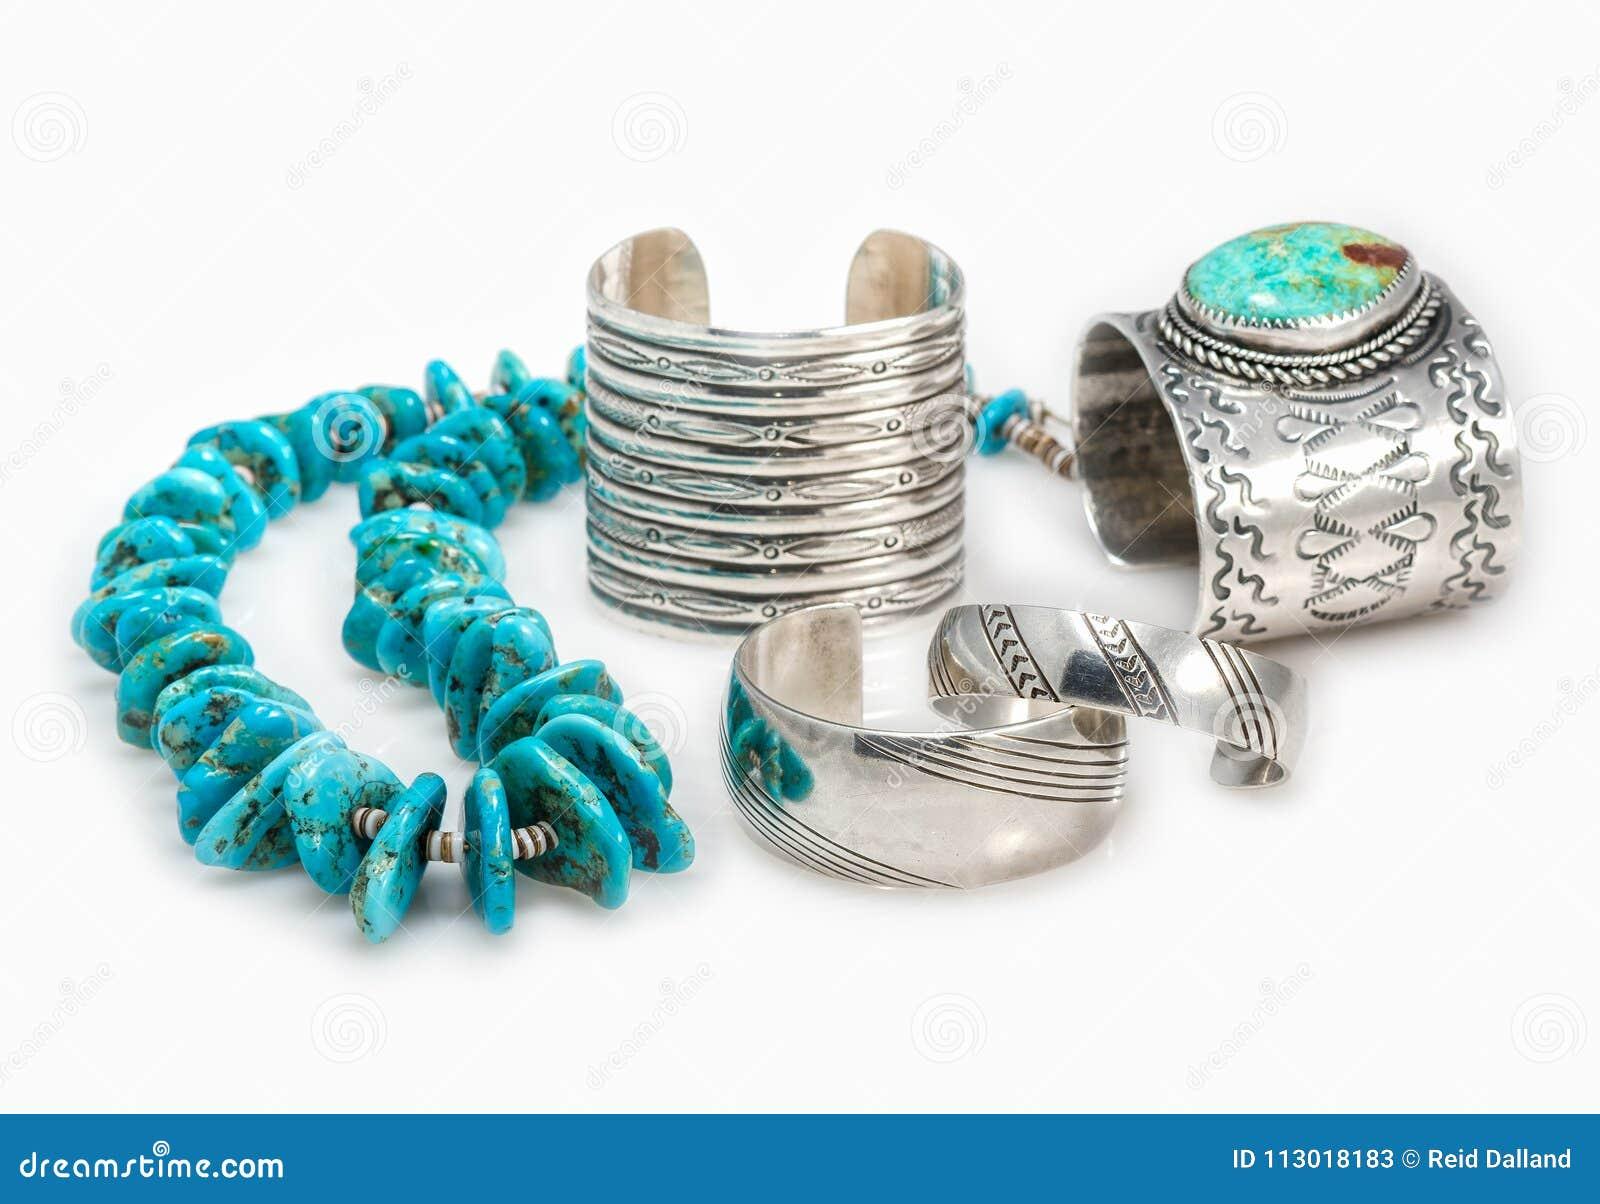 Braceletes do nativo americano e colar de turquesa